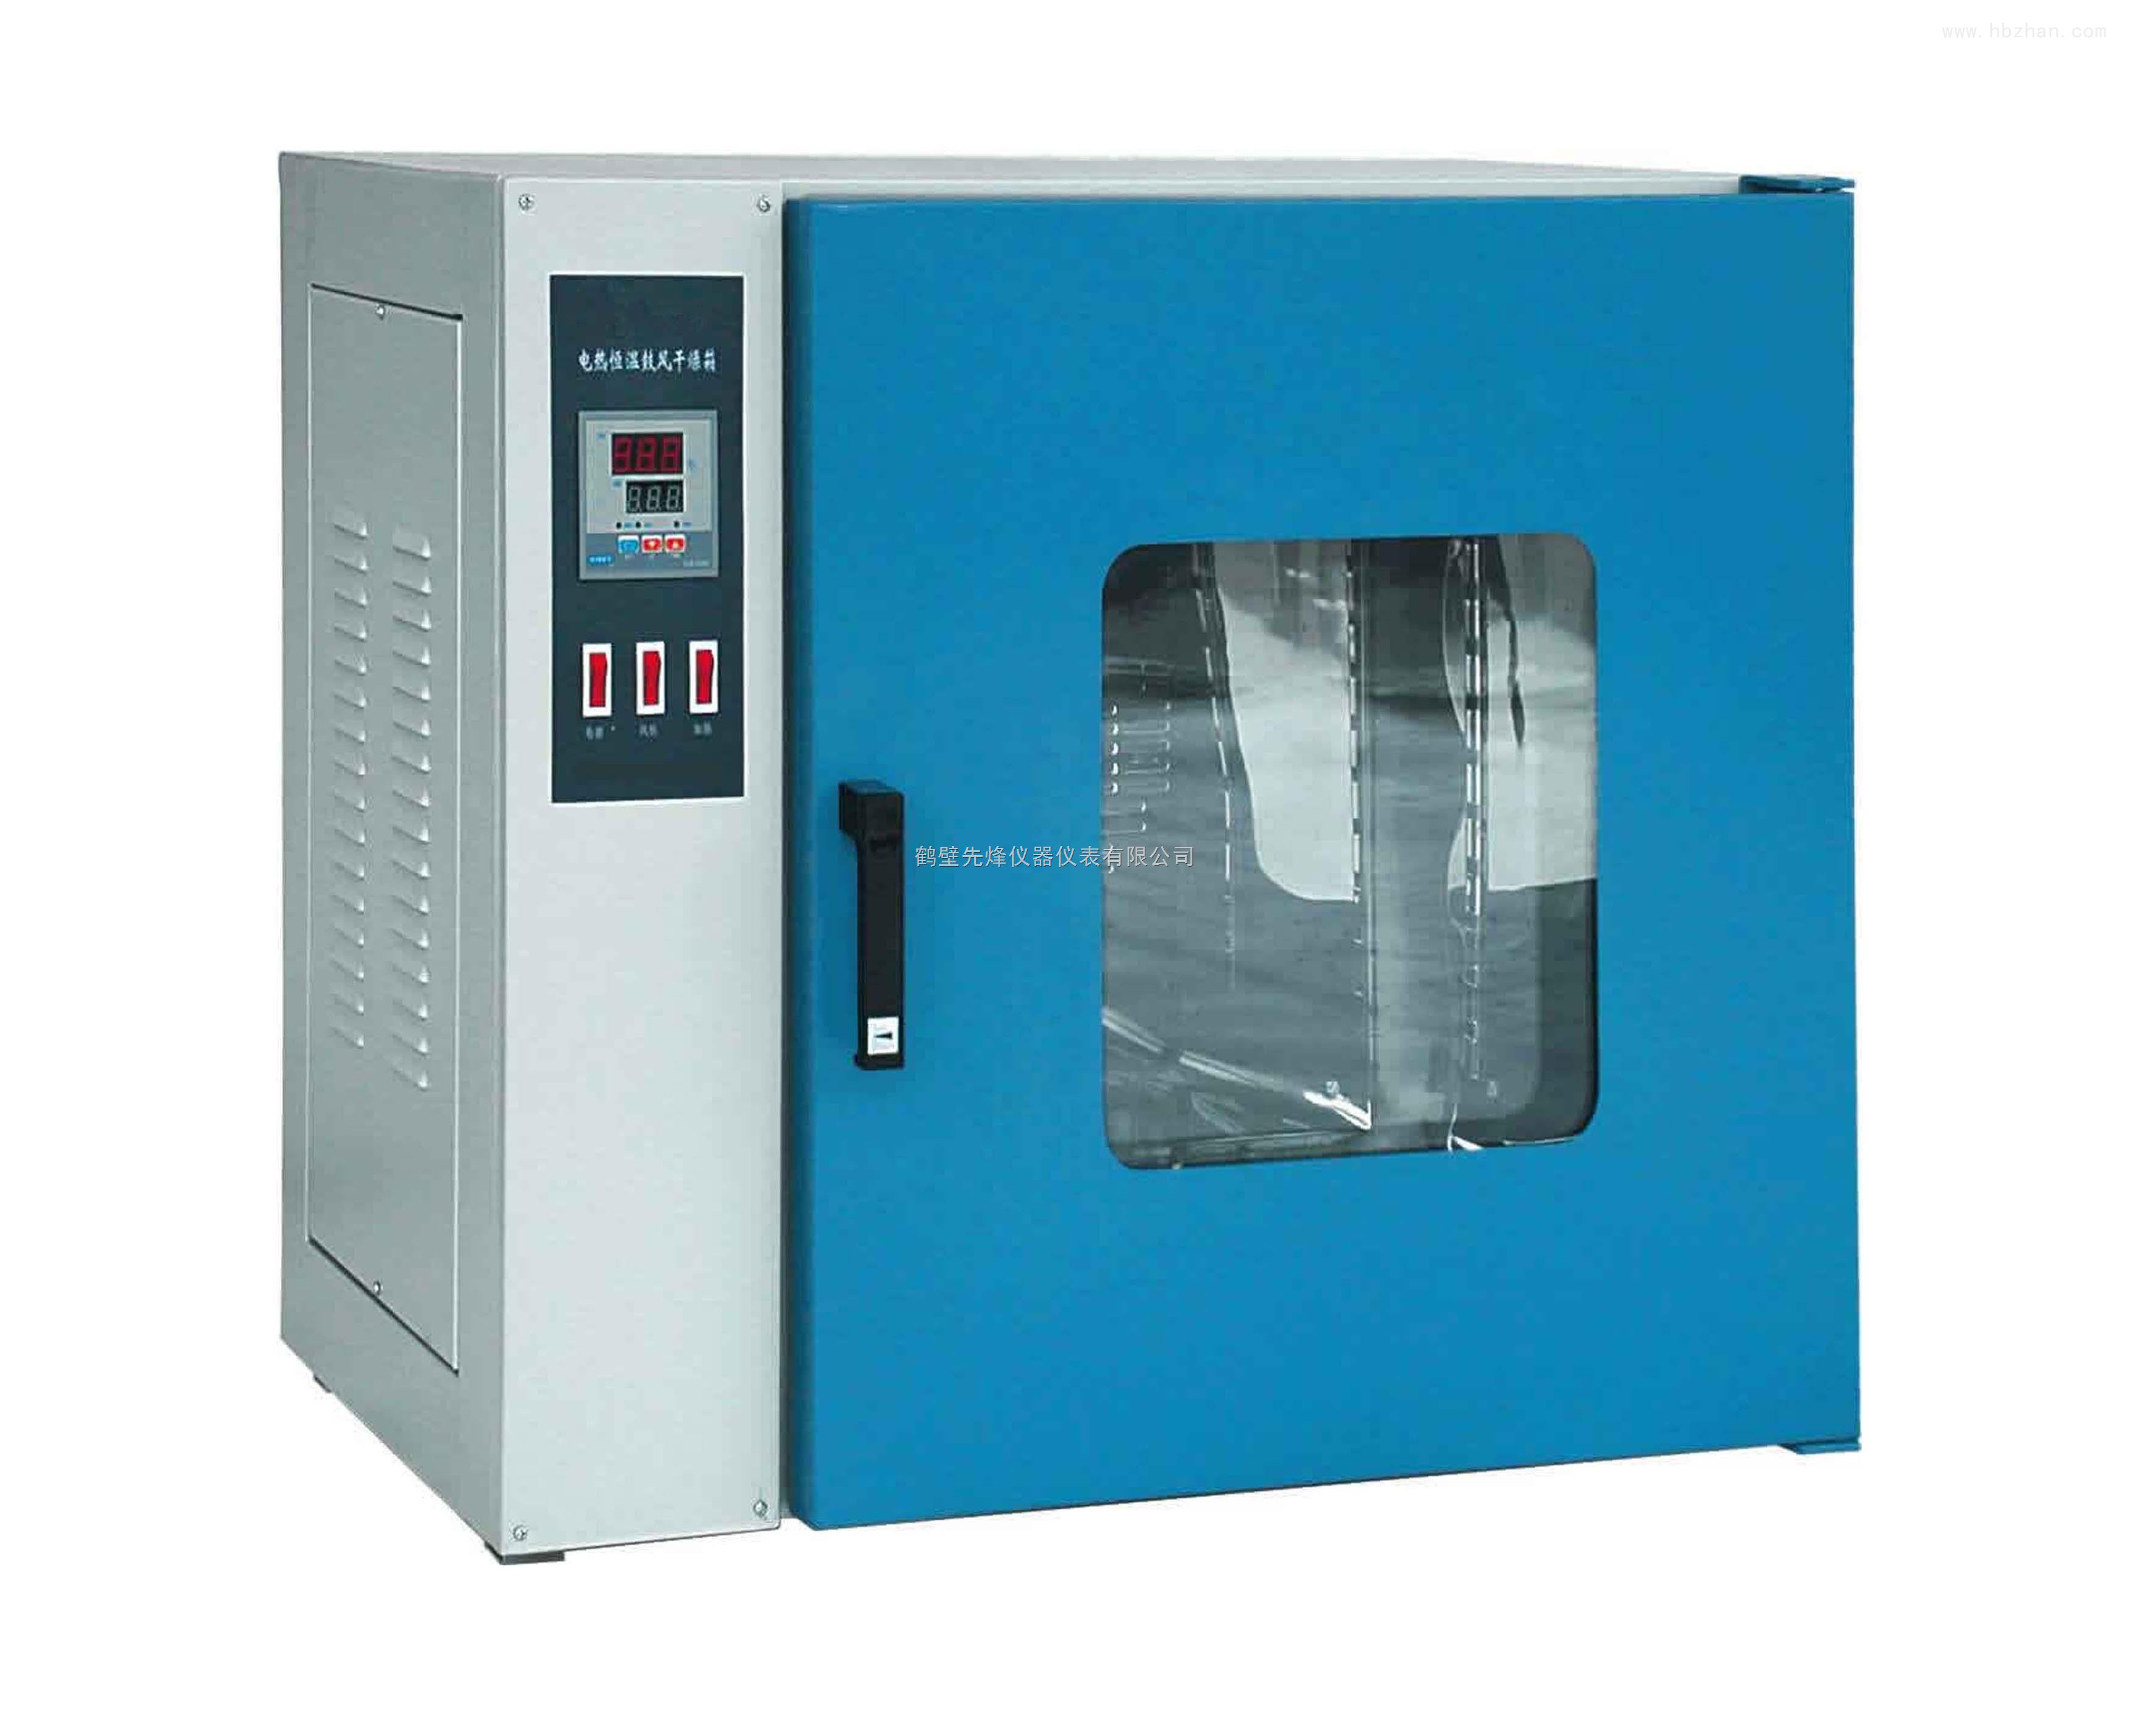 实验室专用101系列电热鼓风干燥箱/202系列电热恒温干燥箱